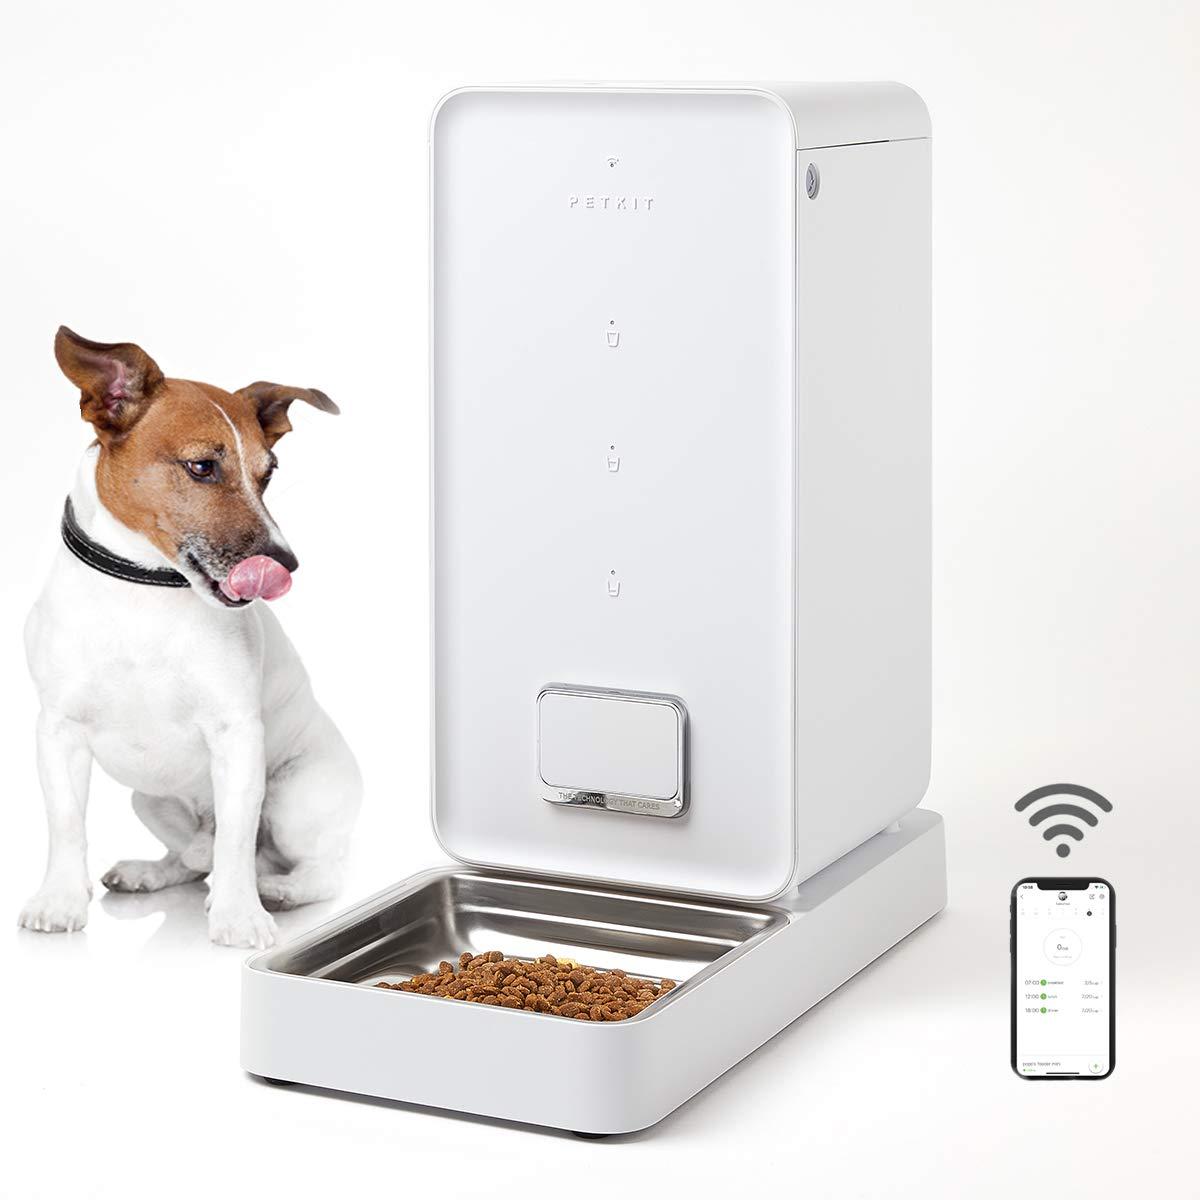 Máy ăn tự động cho thú cưng Petkit Feeder Full size là